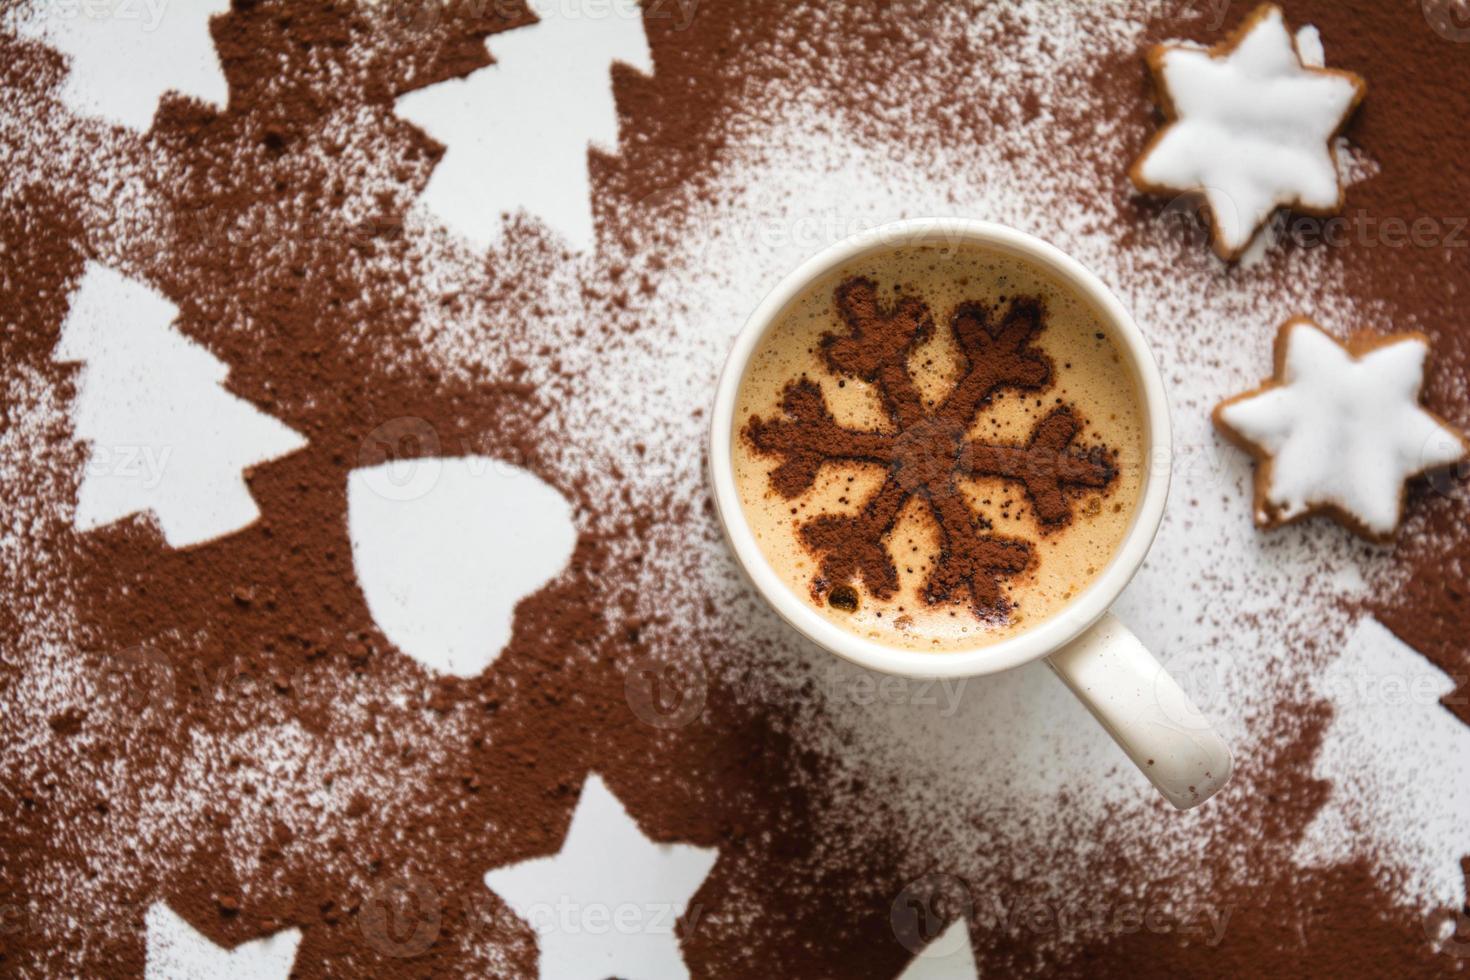 bebida caliente con copo de nieve de cacao foto